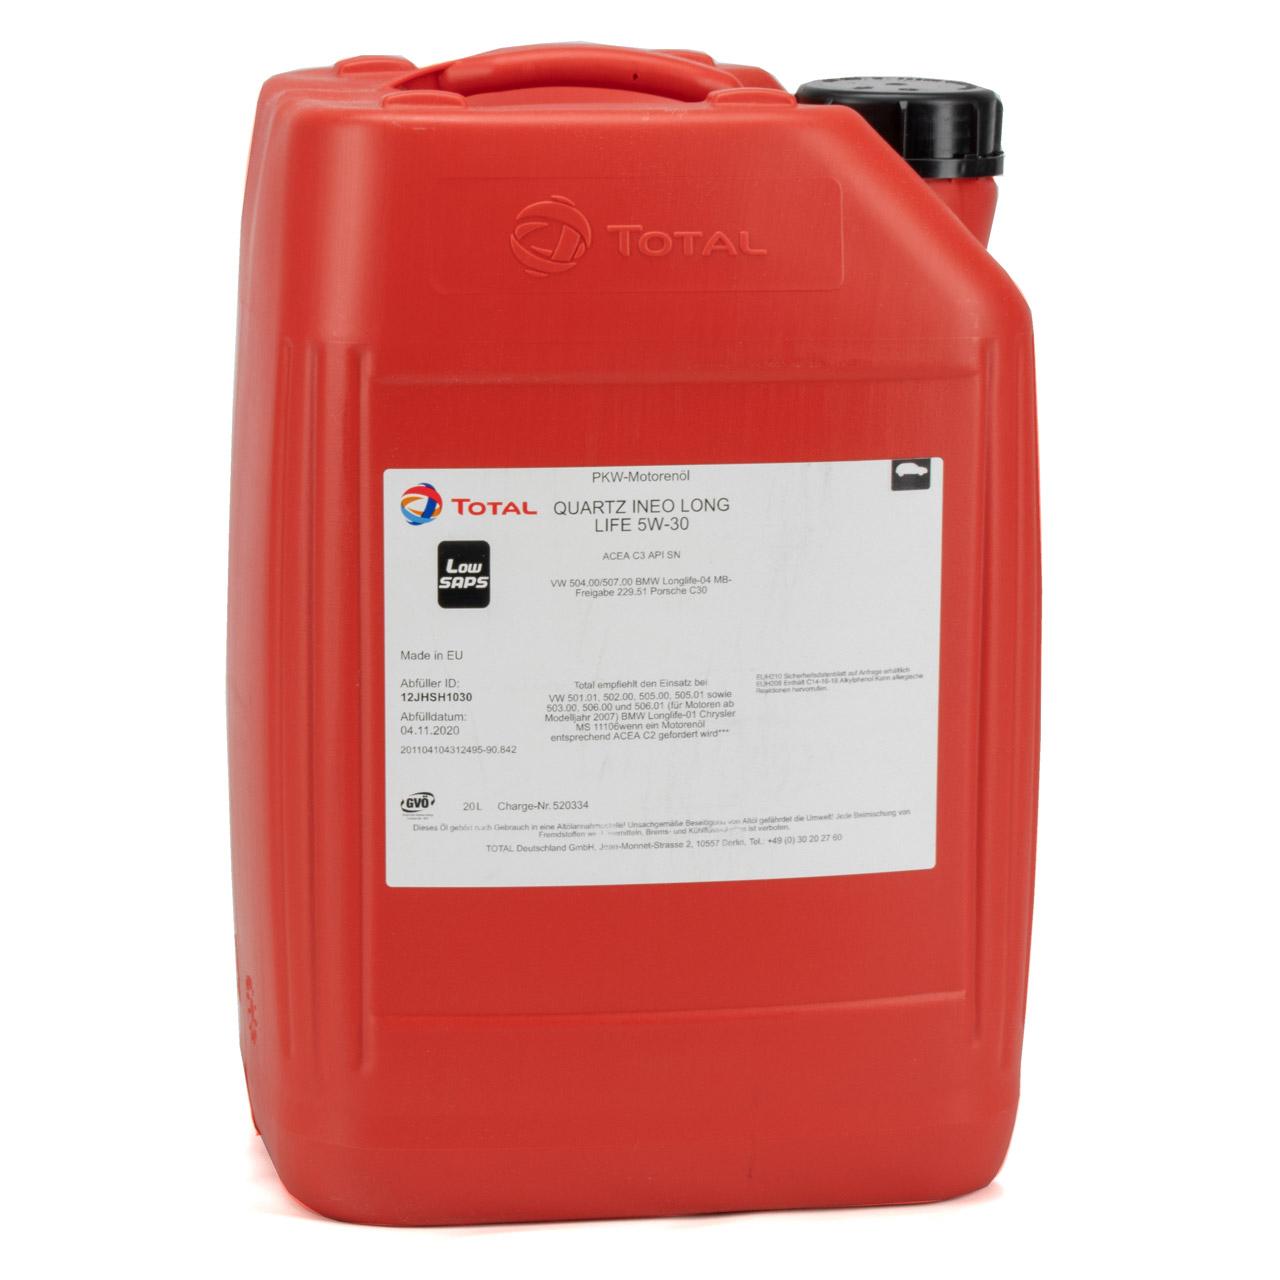 TOTAL QUARTZ INEO LONGLIFE 5W30 Motoröl Öl VW 504/507.00 MB 229.51 - 20 Liter